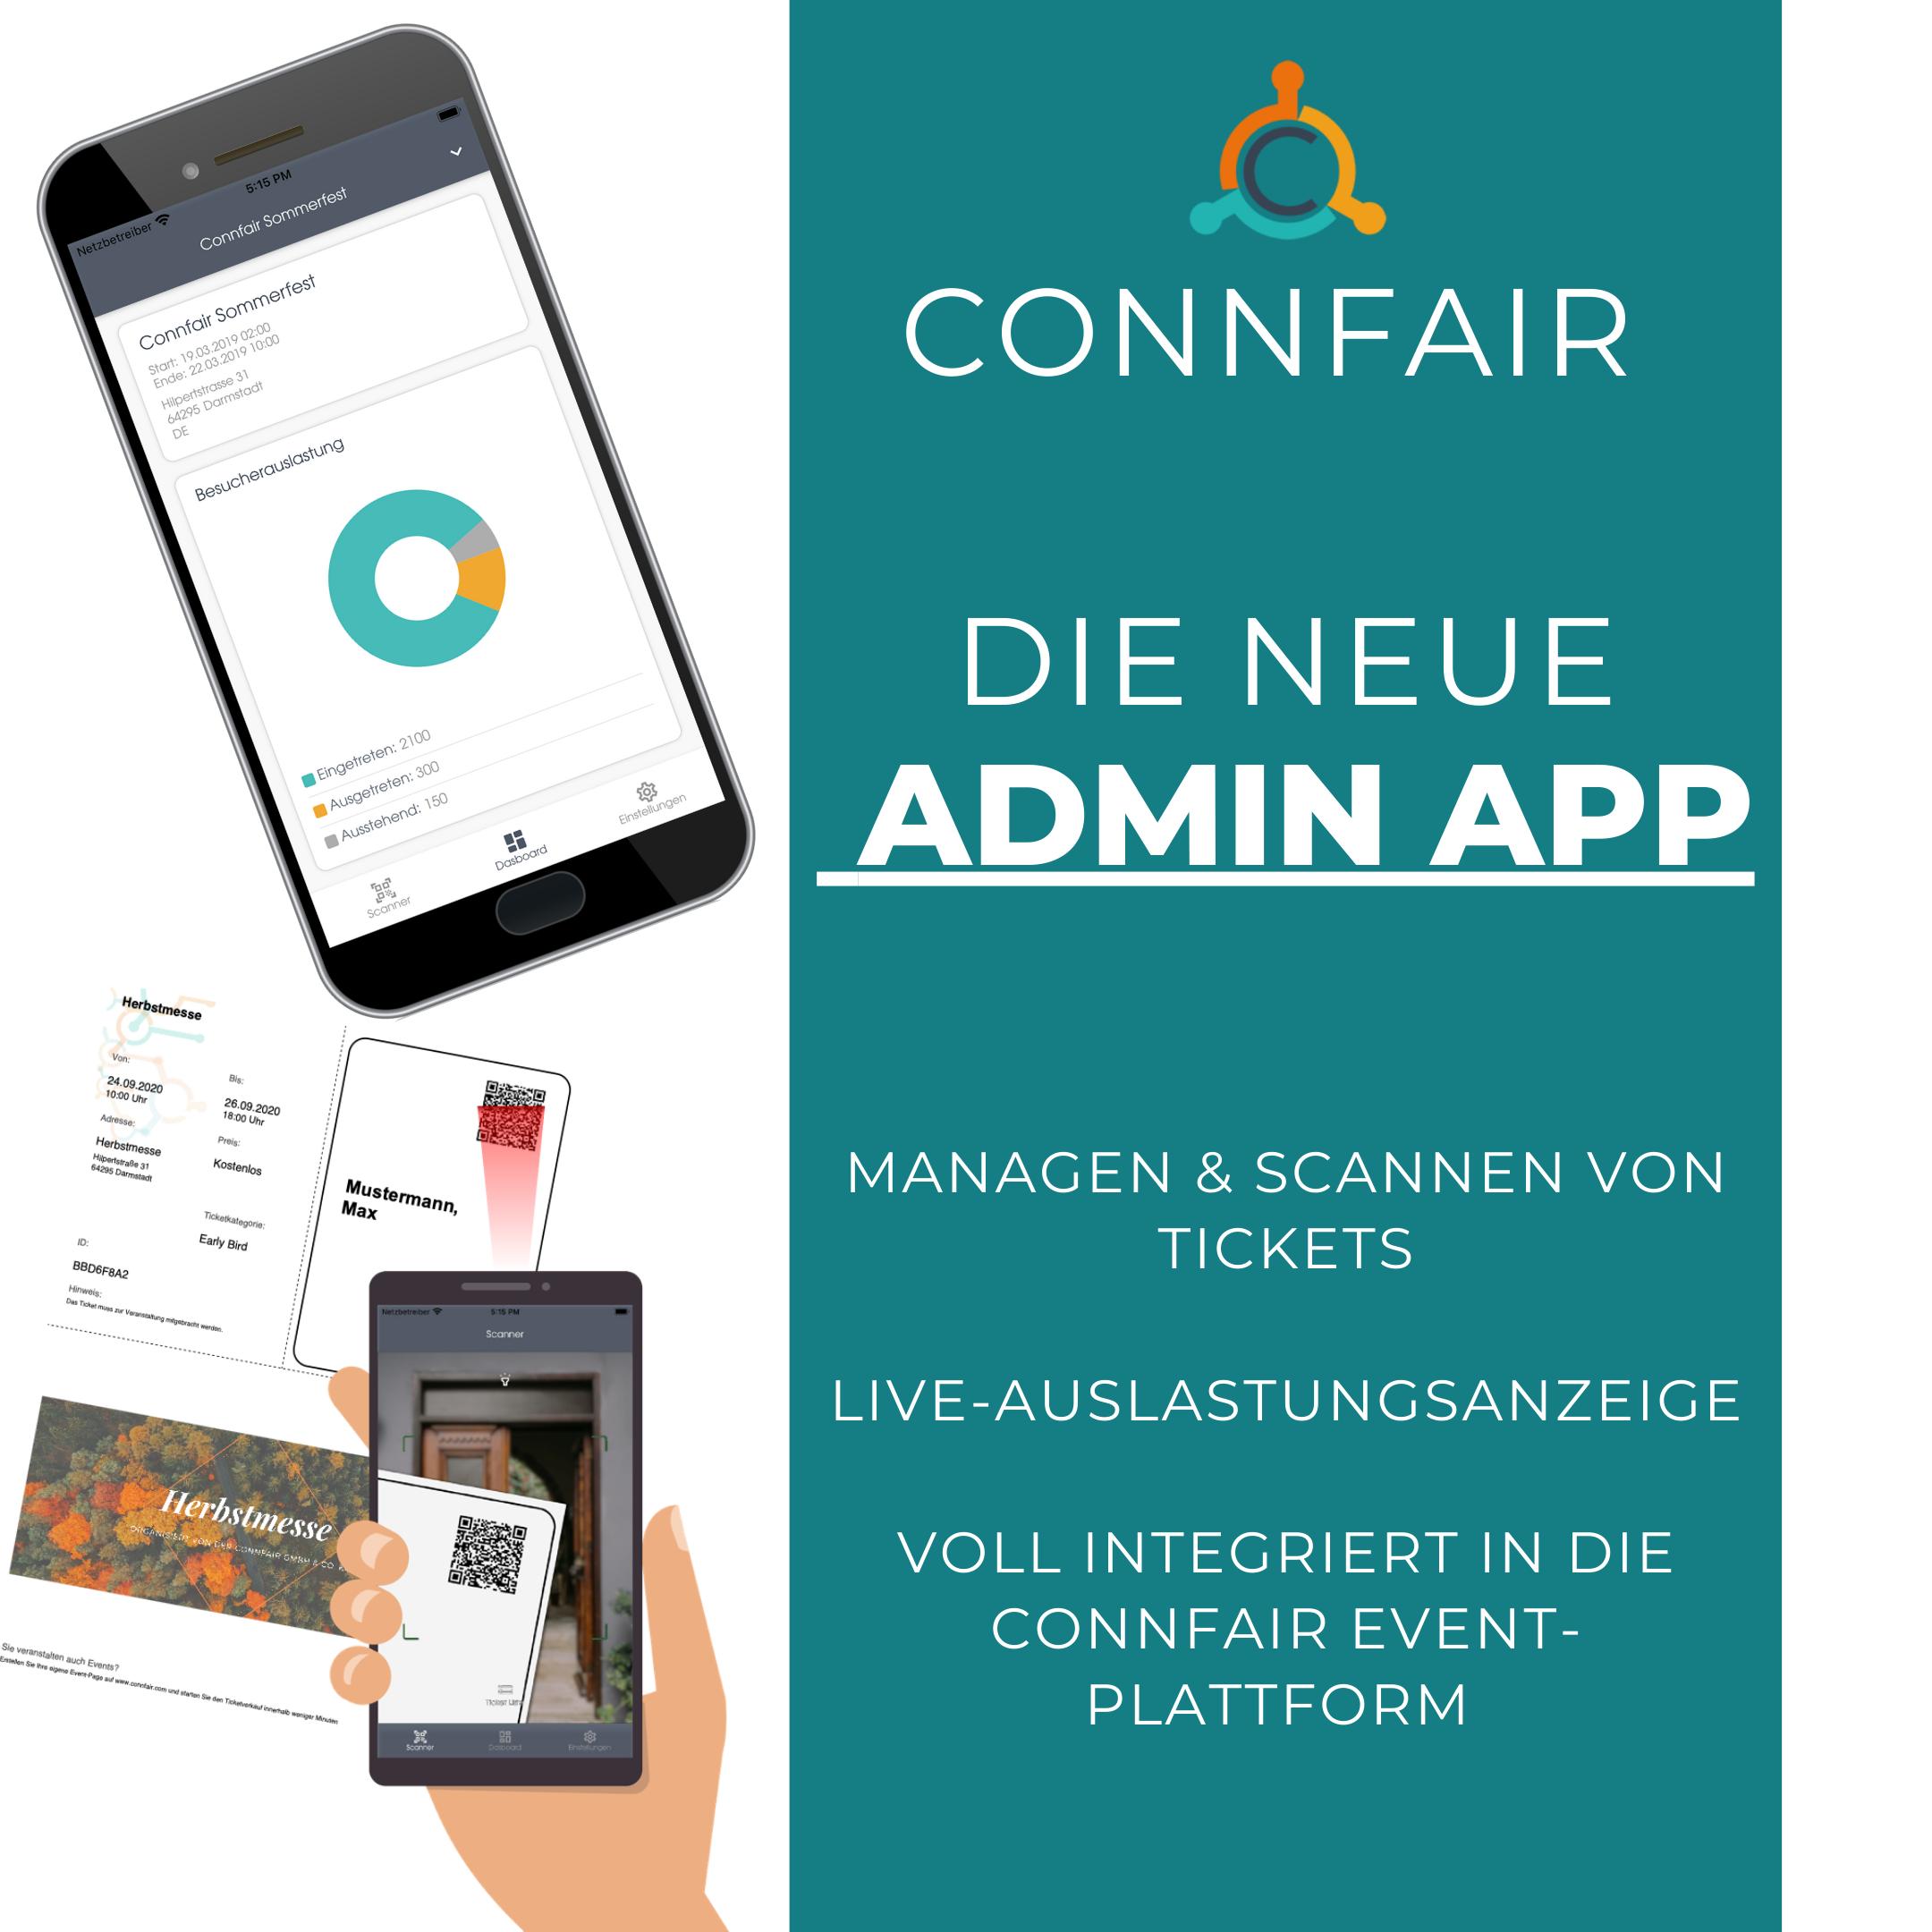 Ein Überblick über die neue Connfair Admin App für effektives Einlassmanagement: Die Startseite der App, der Scanprozess und die Vorteile.